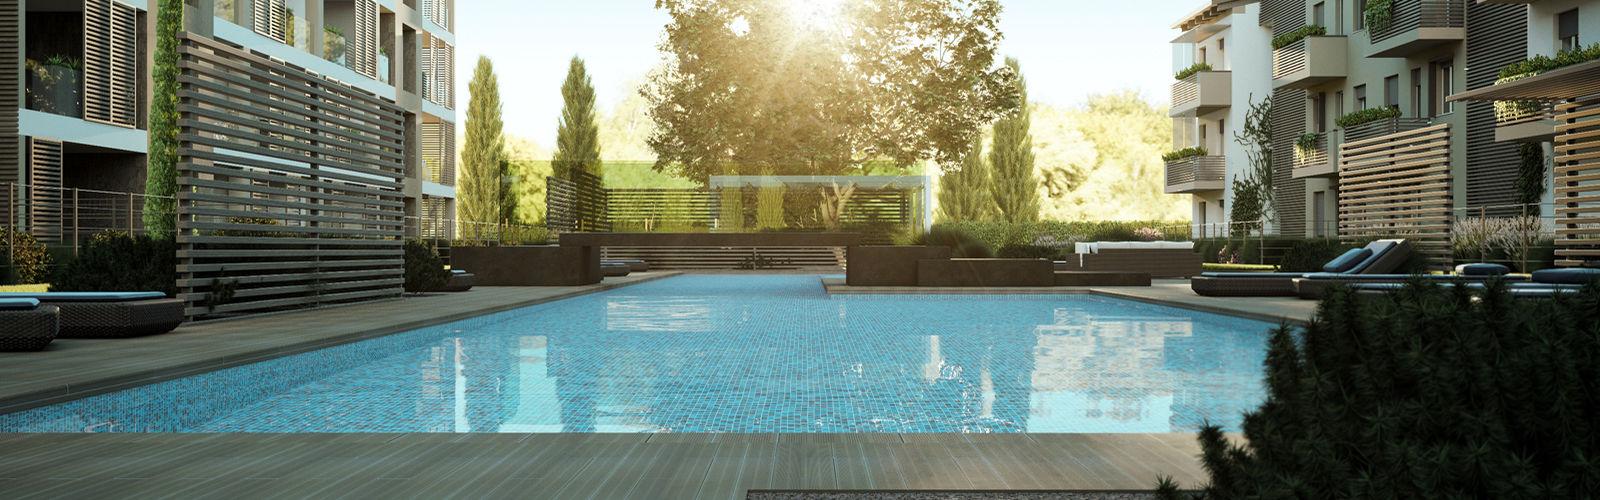 Architetto Di Giardini in costruzione | architetto sangalli - studio di